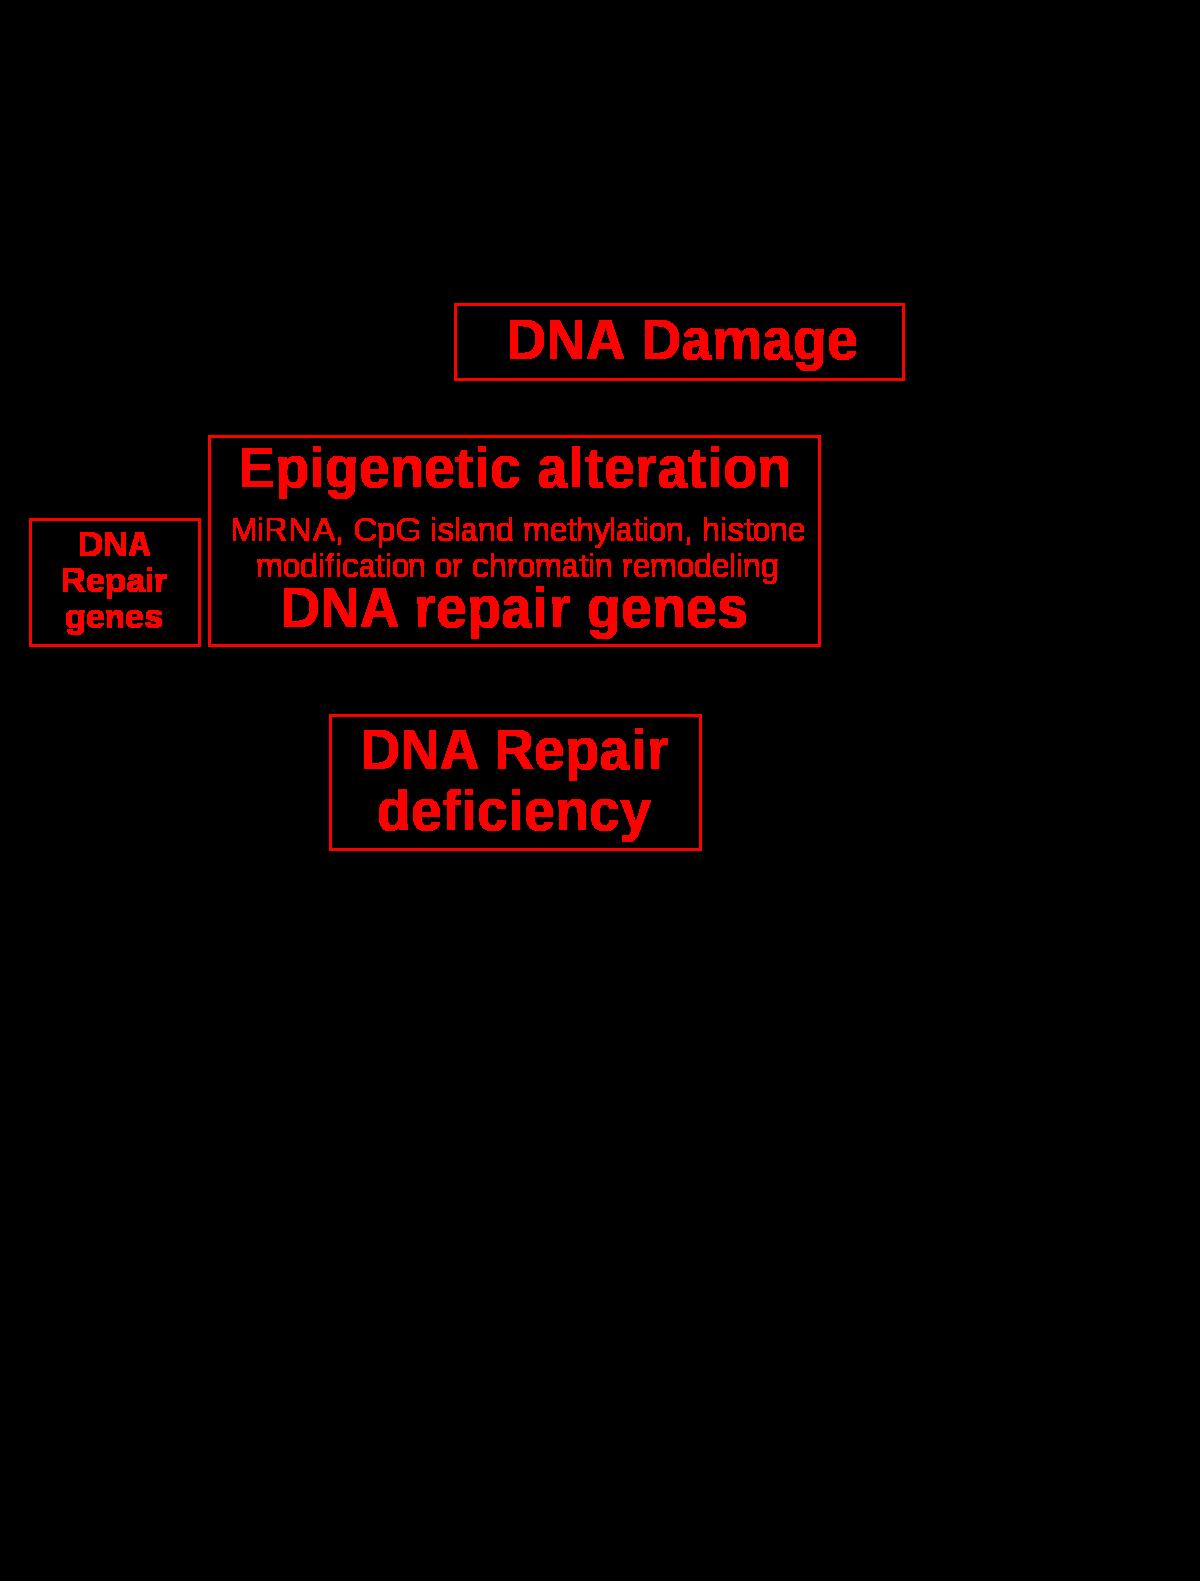 fogadó endometrium rák